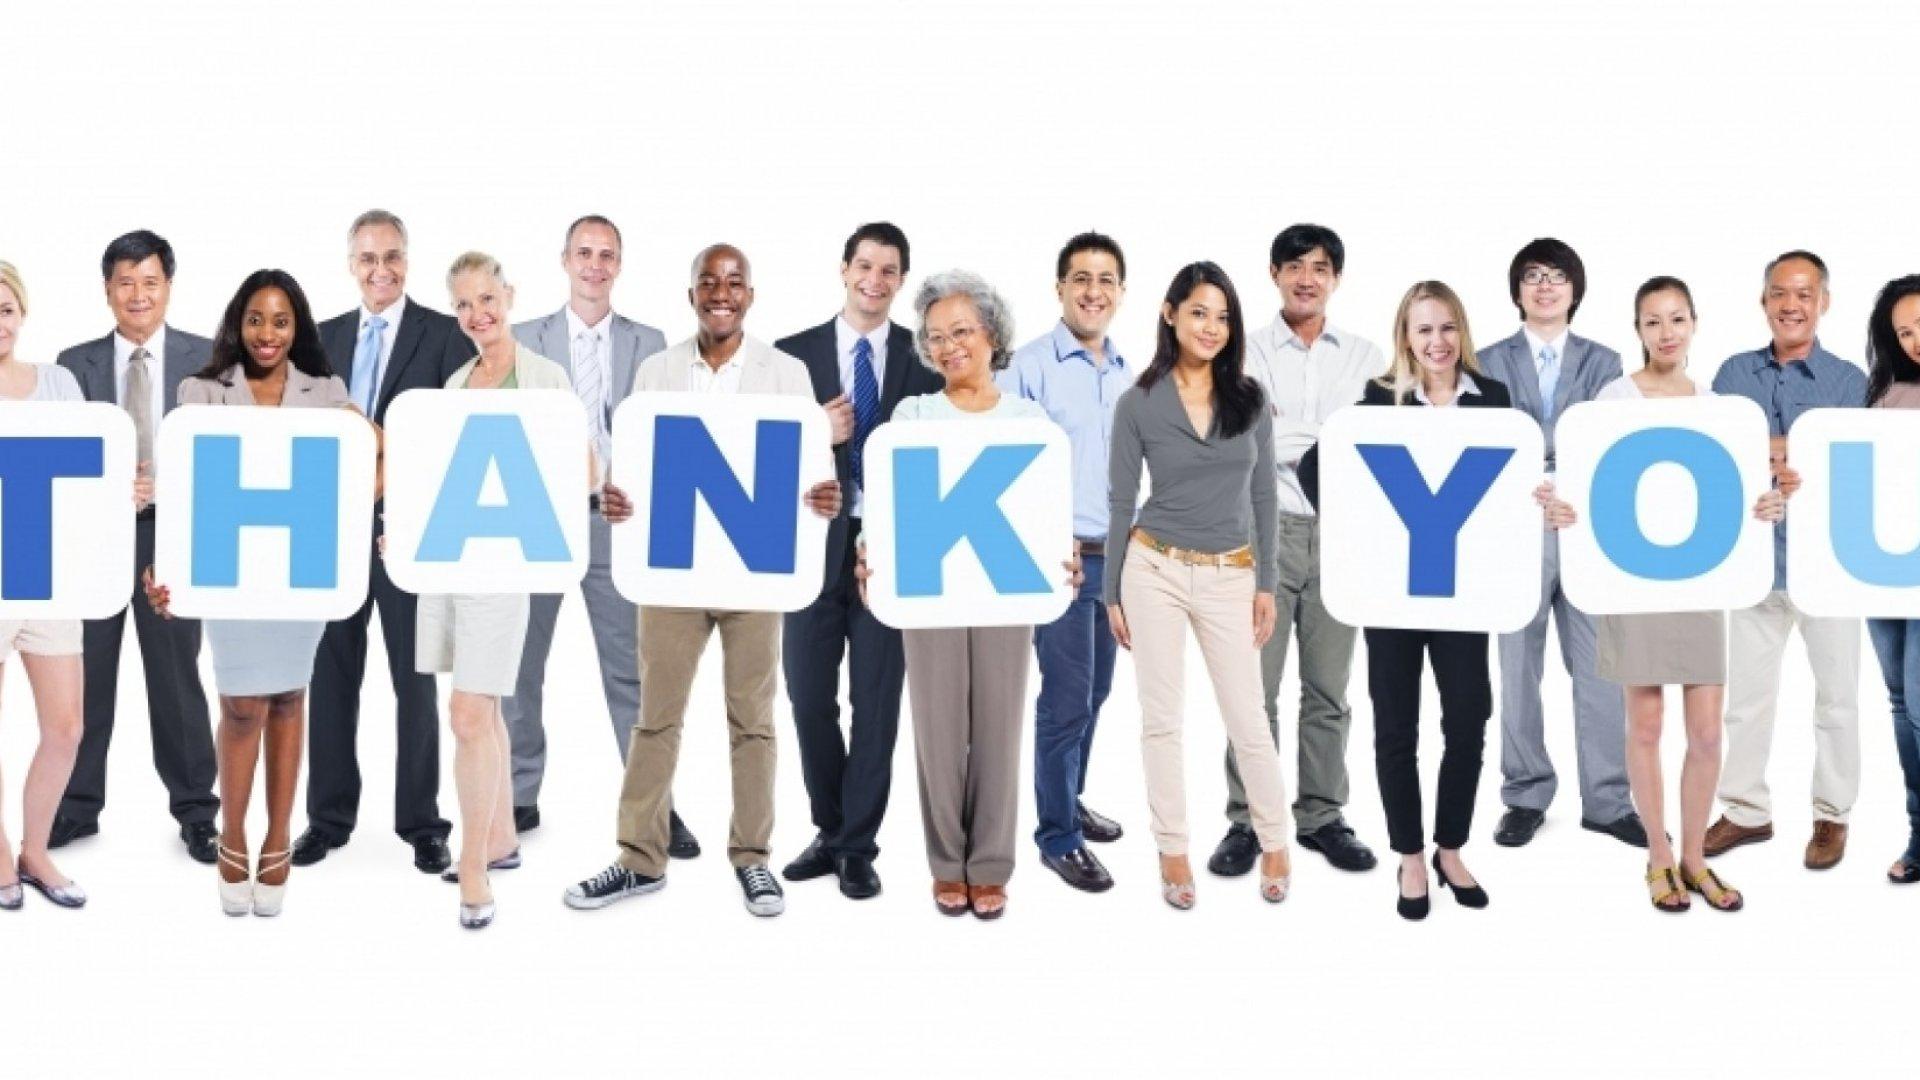 6 Genuine Ways to Show Employees Appreciation